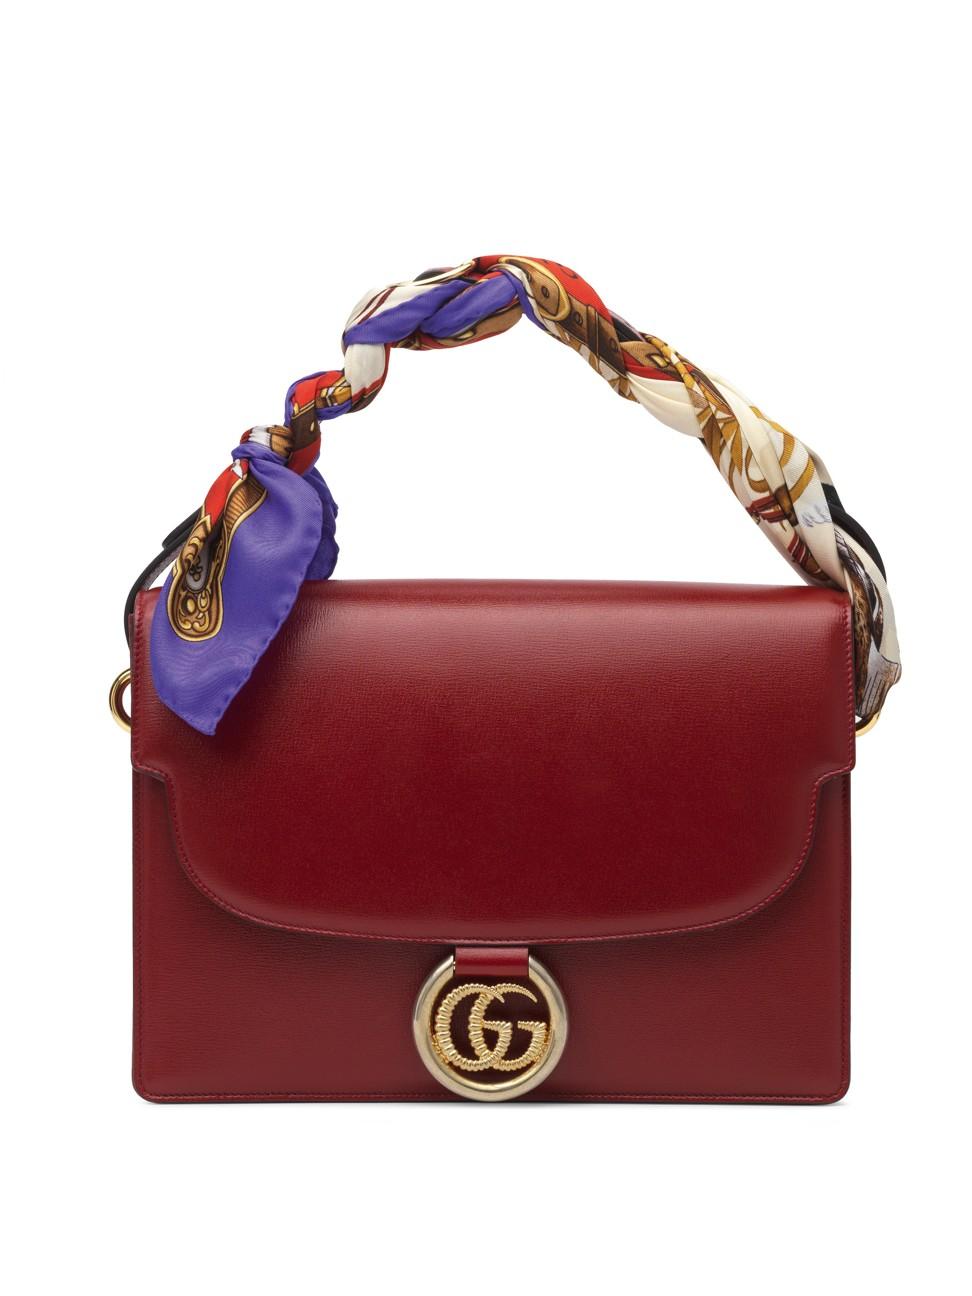 Cấu trúc hình hộp của chiếc túi Gucci mới được bù đắp bằng chi tiết lụa, da lộn mềm mại và da, cũng như các tông màu gợi lên phong phú của màu đỏ đất, đen và xám bụi.